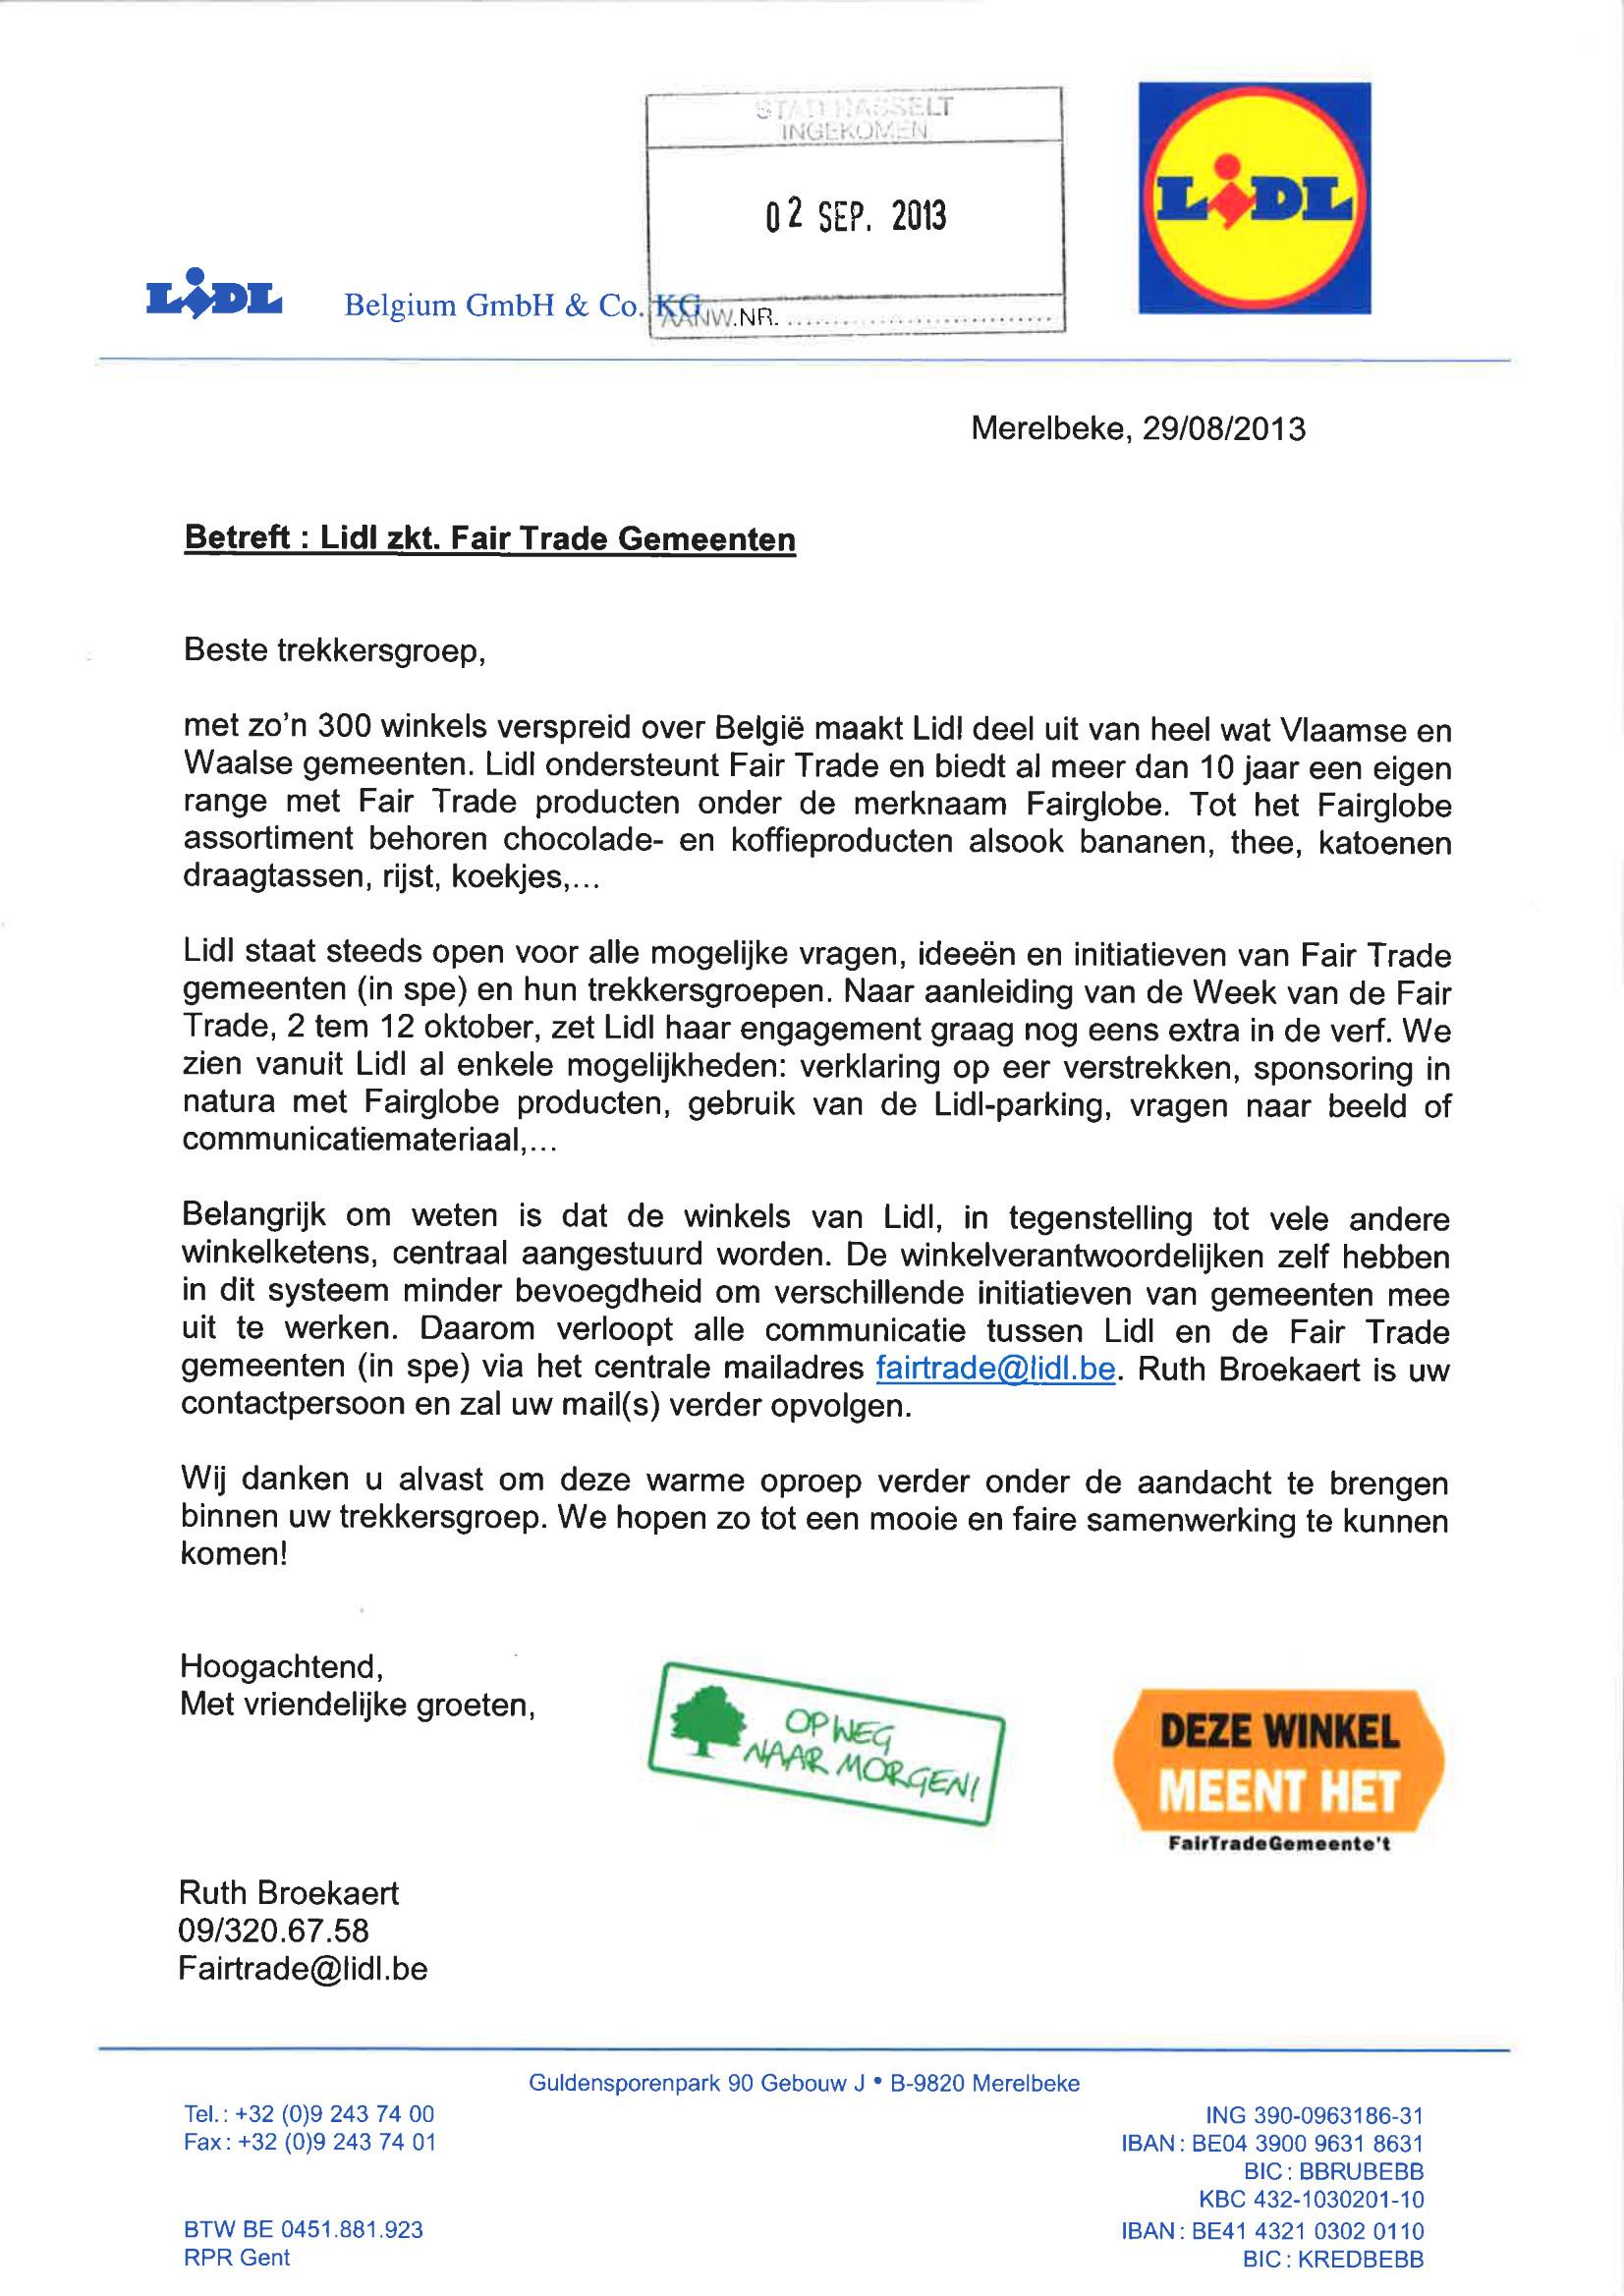 commerciele brief voorbeeld Commerciele Brief Voorbeeld | gantinova